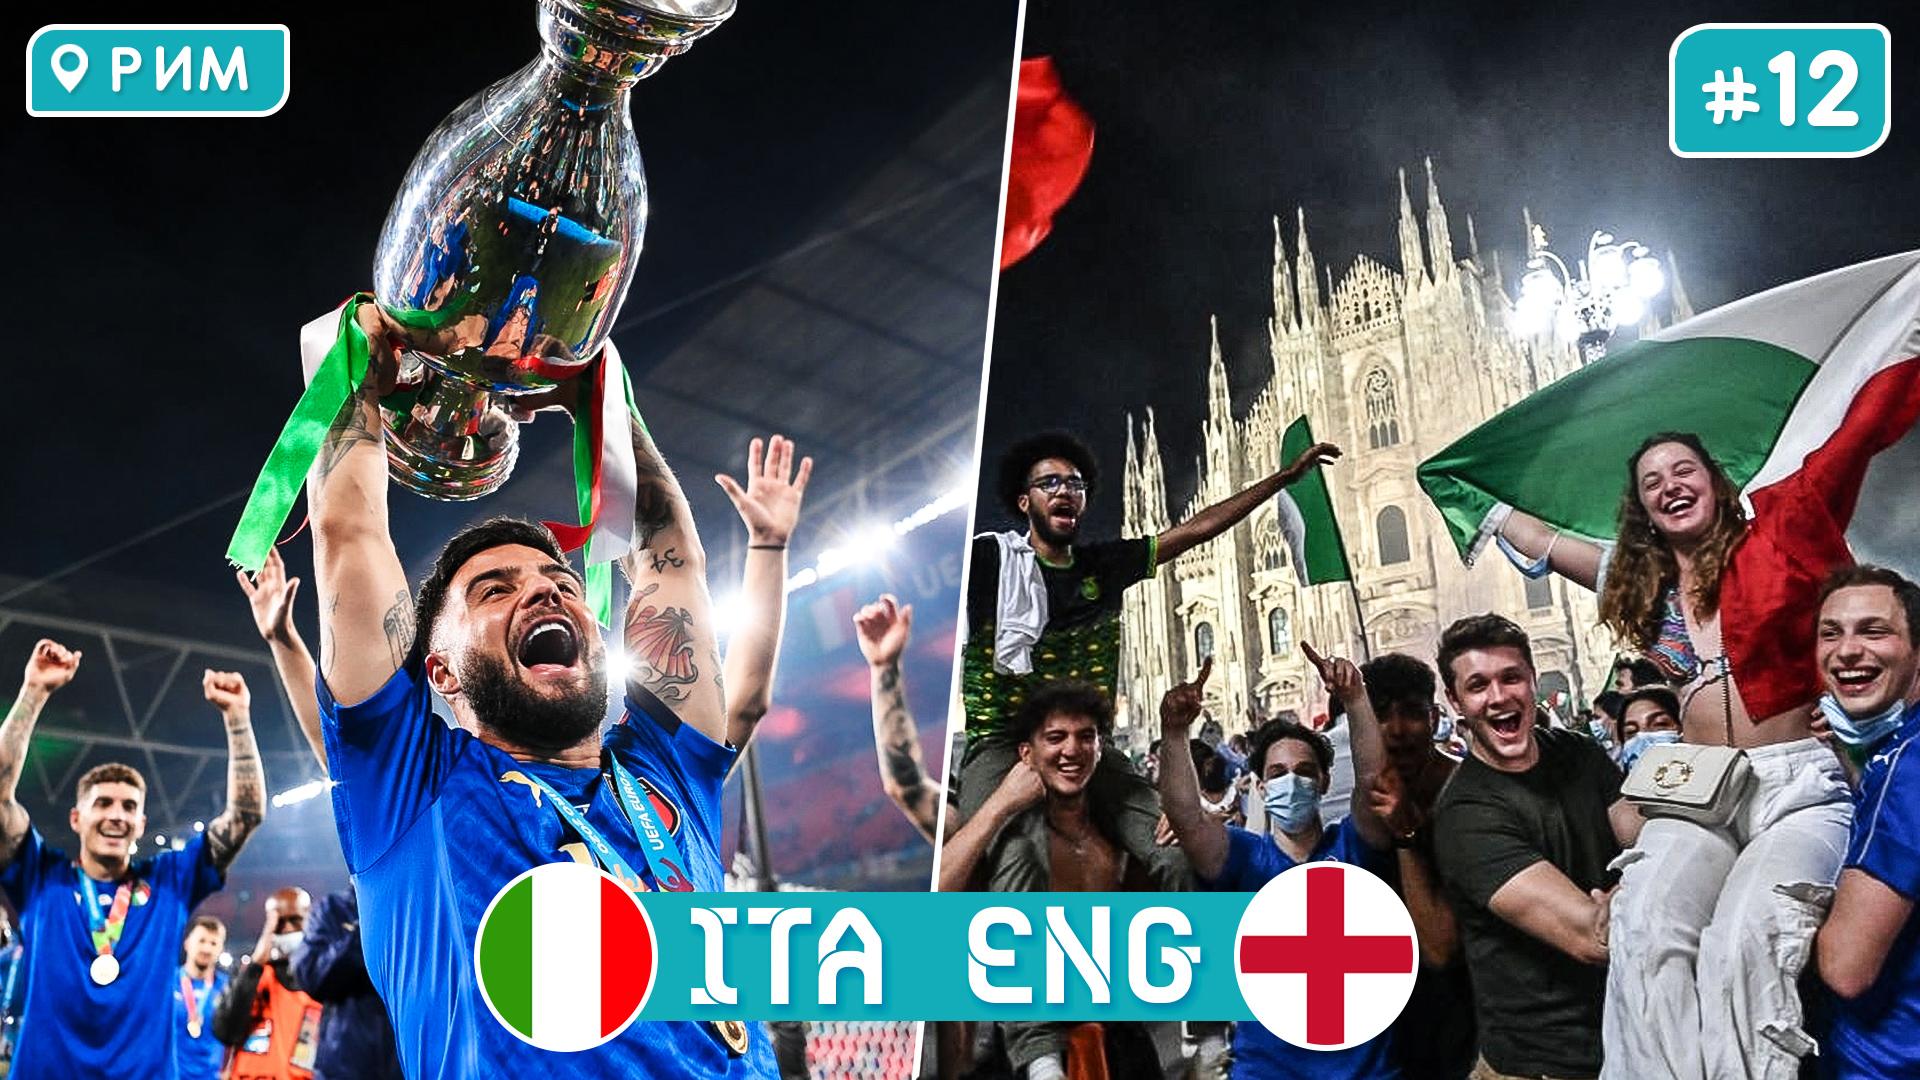 видео, Трендец, Дмитрий Поворознюк, сборная Италии по футболу, Евро-2020